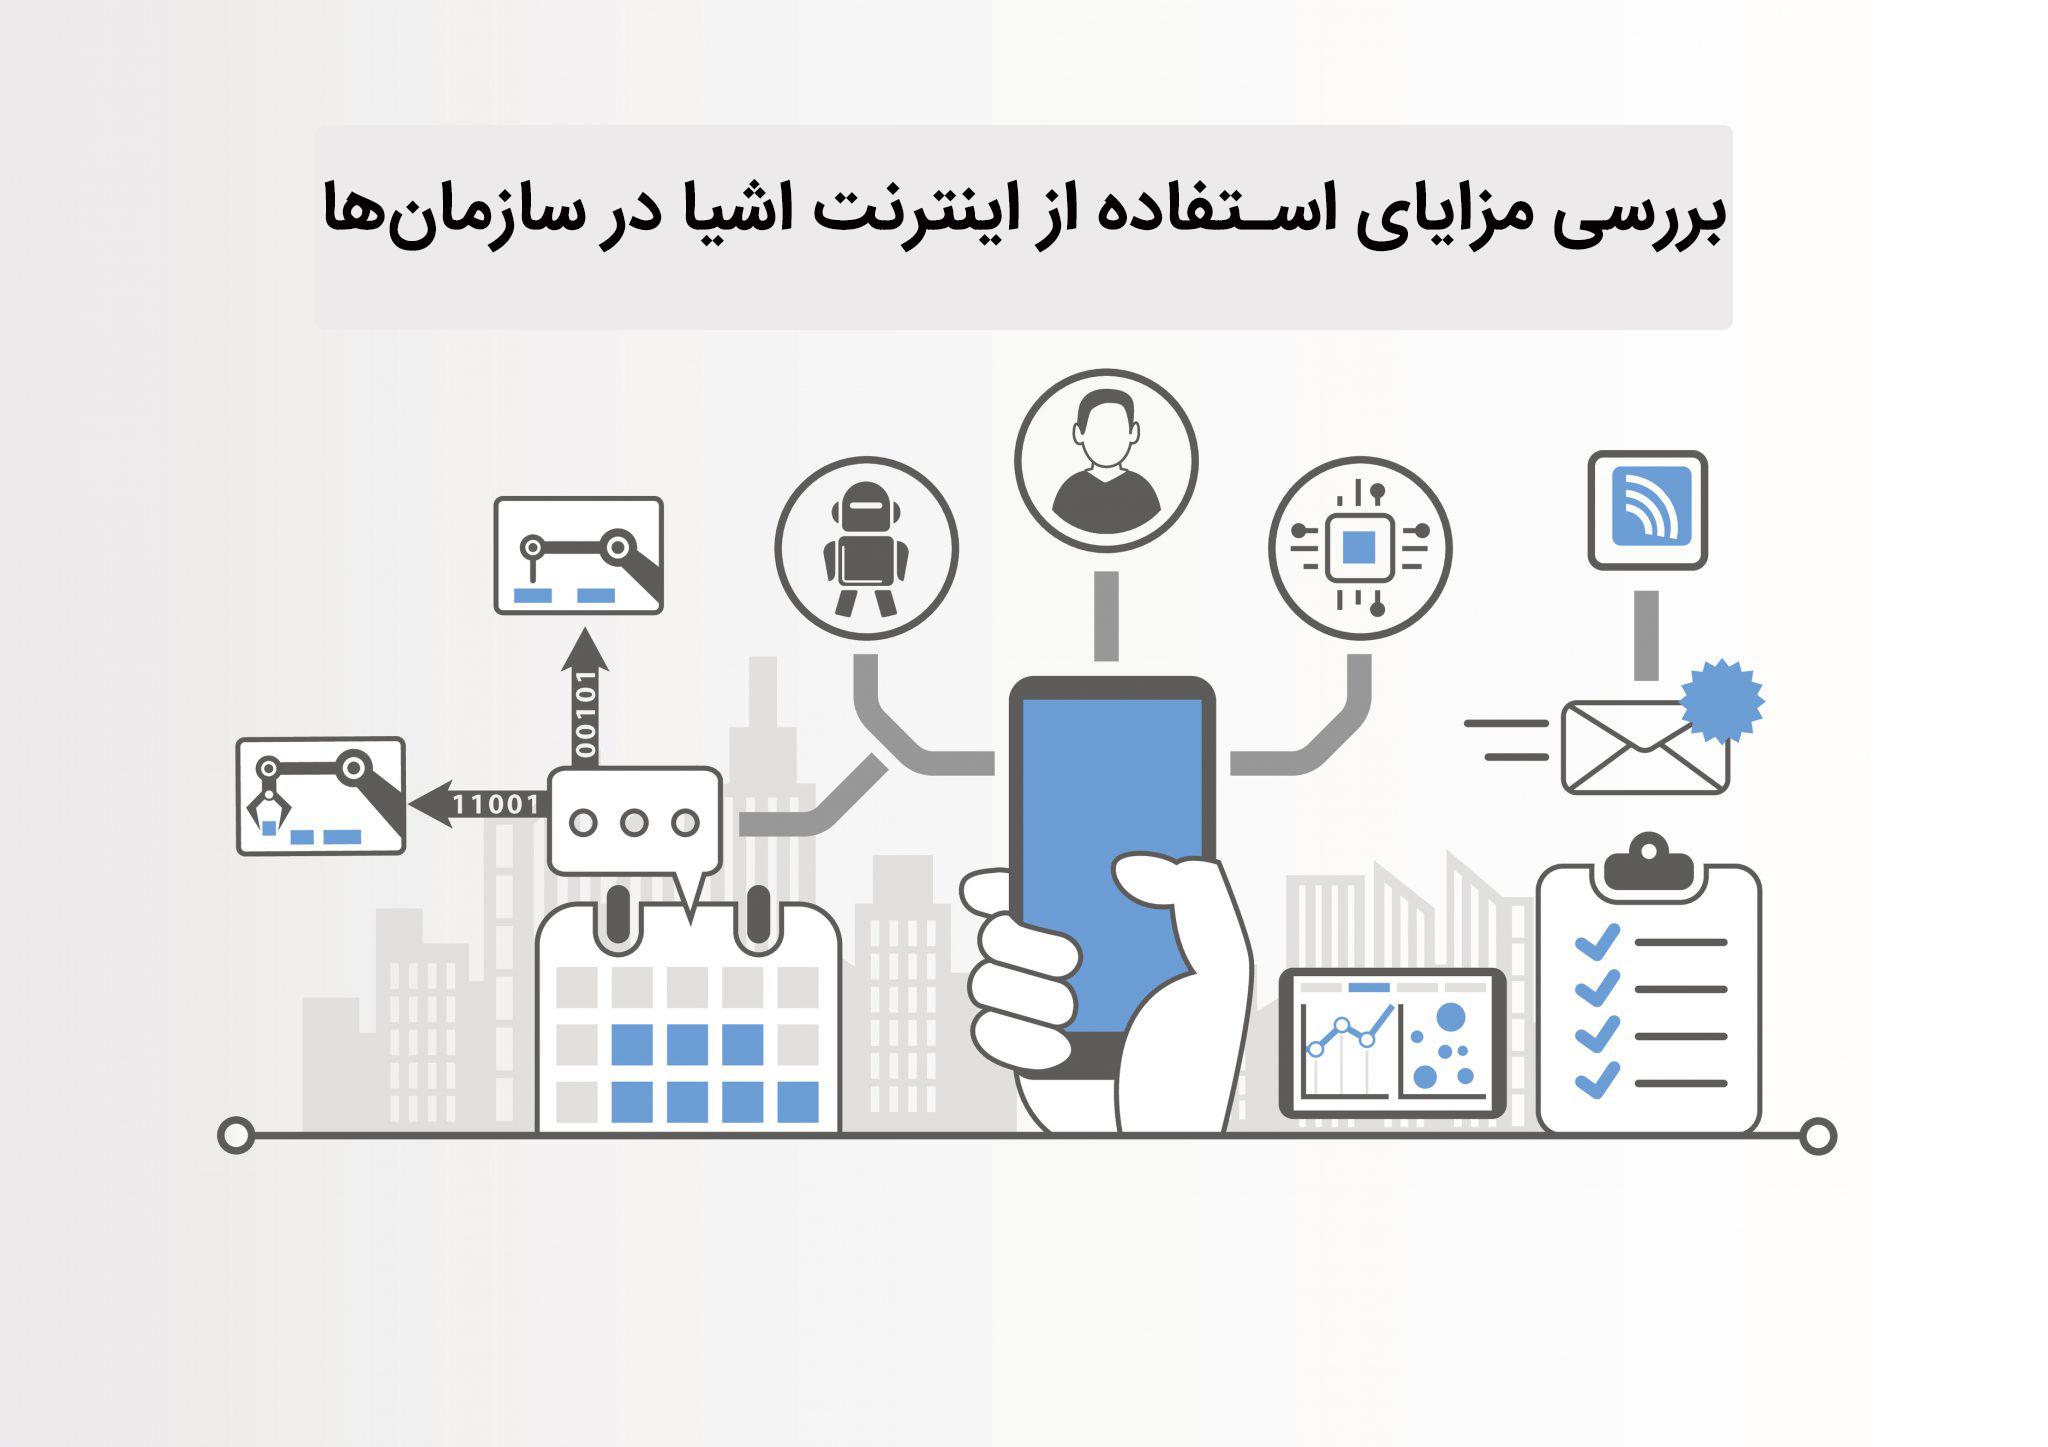 مزایای استفاده از اینترنت اشیا در سازمان ها